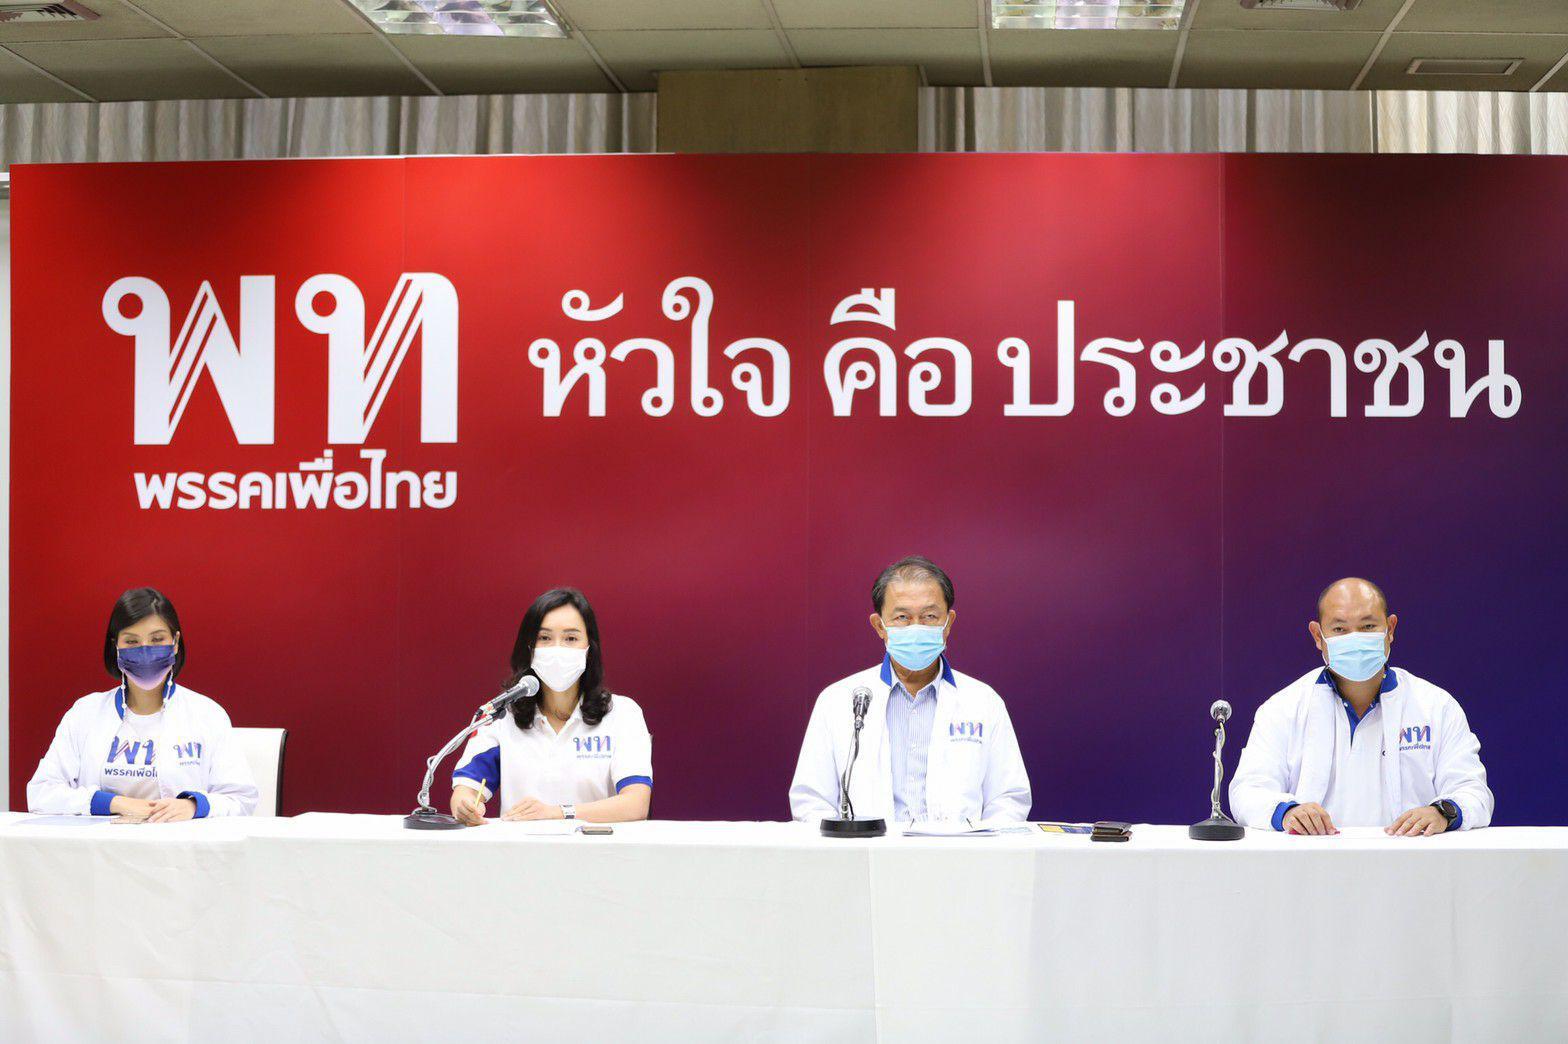 """""""เพื่อไทย"""" แนะ รัฐบาล ปรับแผนฉีดวัคซีน ให้บุคคลทั่วไปที่สมัครใจ-มีความพร้อม"""